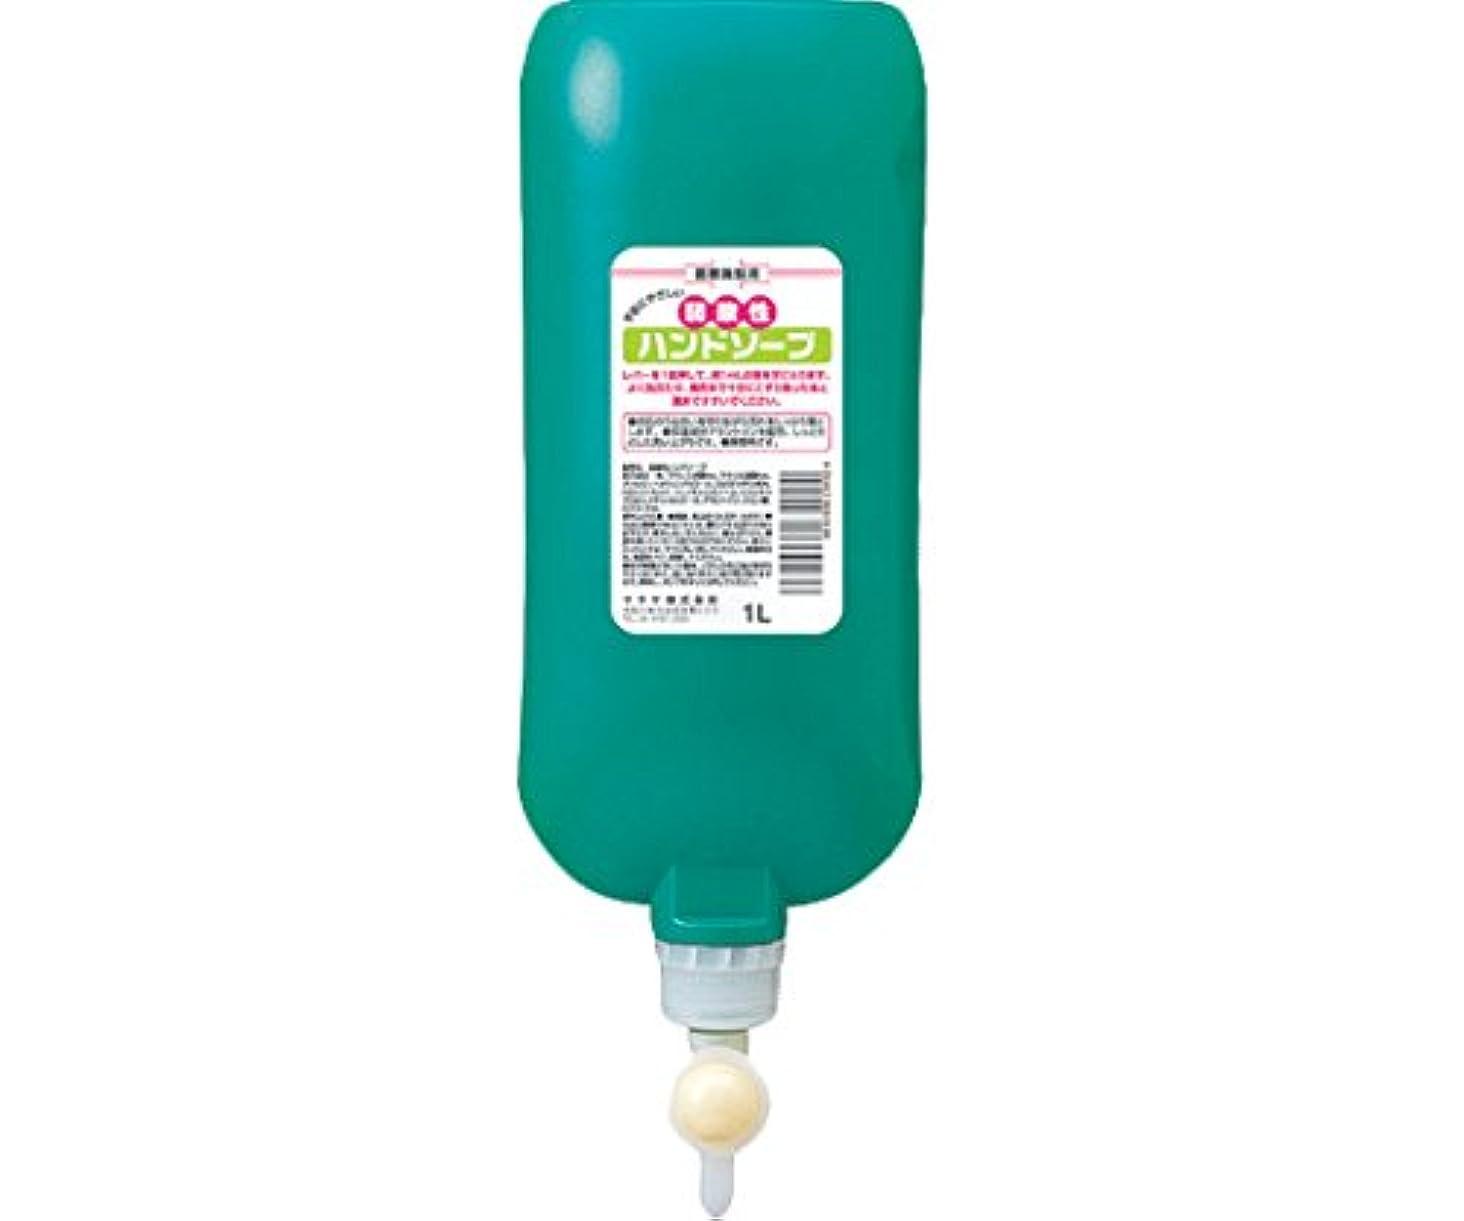 威するブラシナットサラヤ 弱酸性ハンドソープ ディスポパック(1袋入) 23402 /8-8044-02